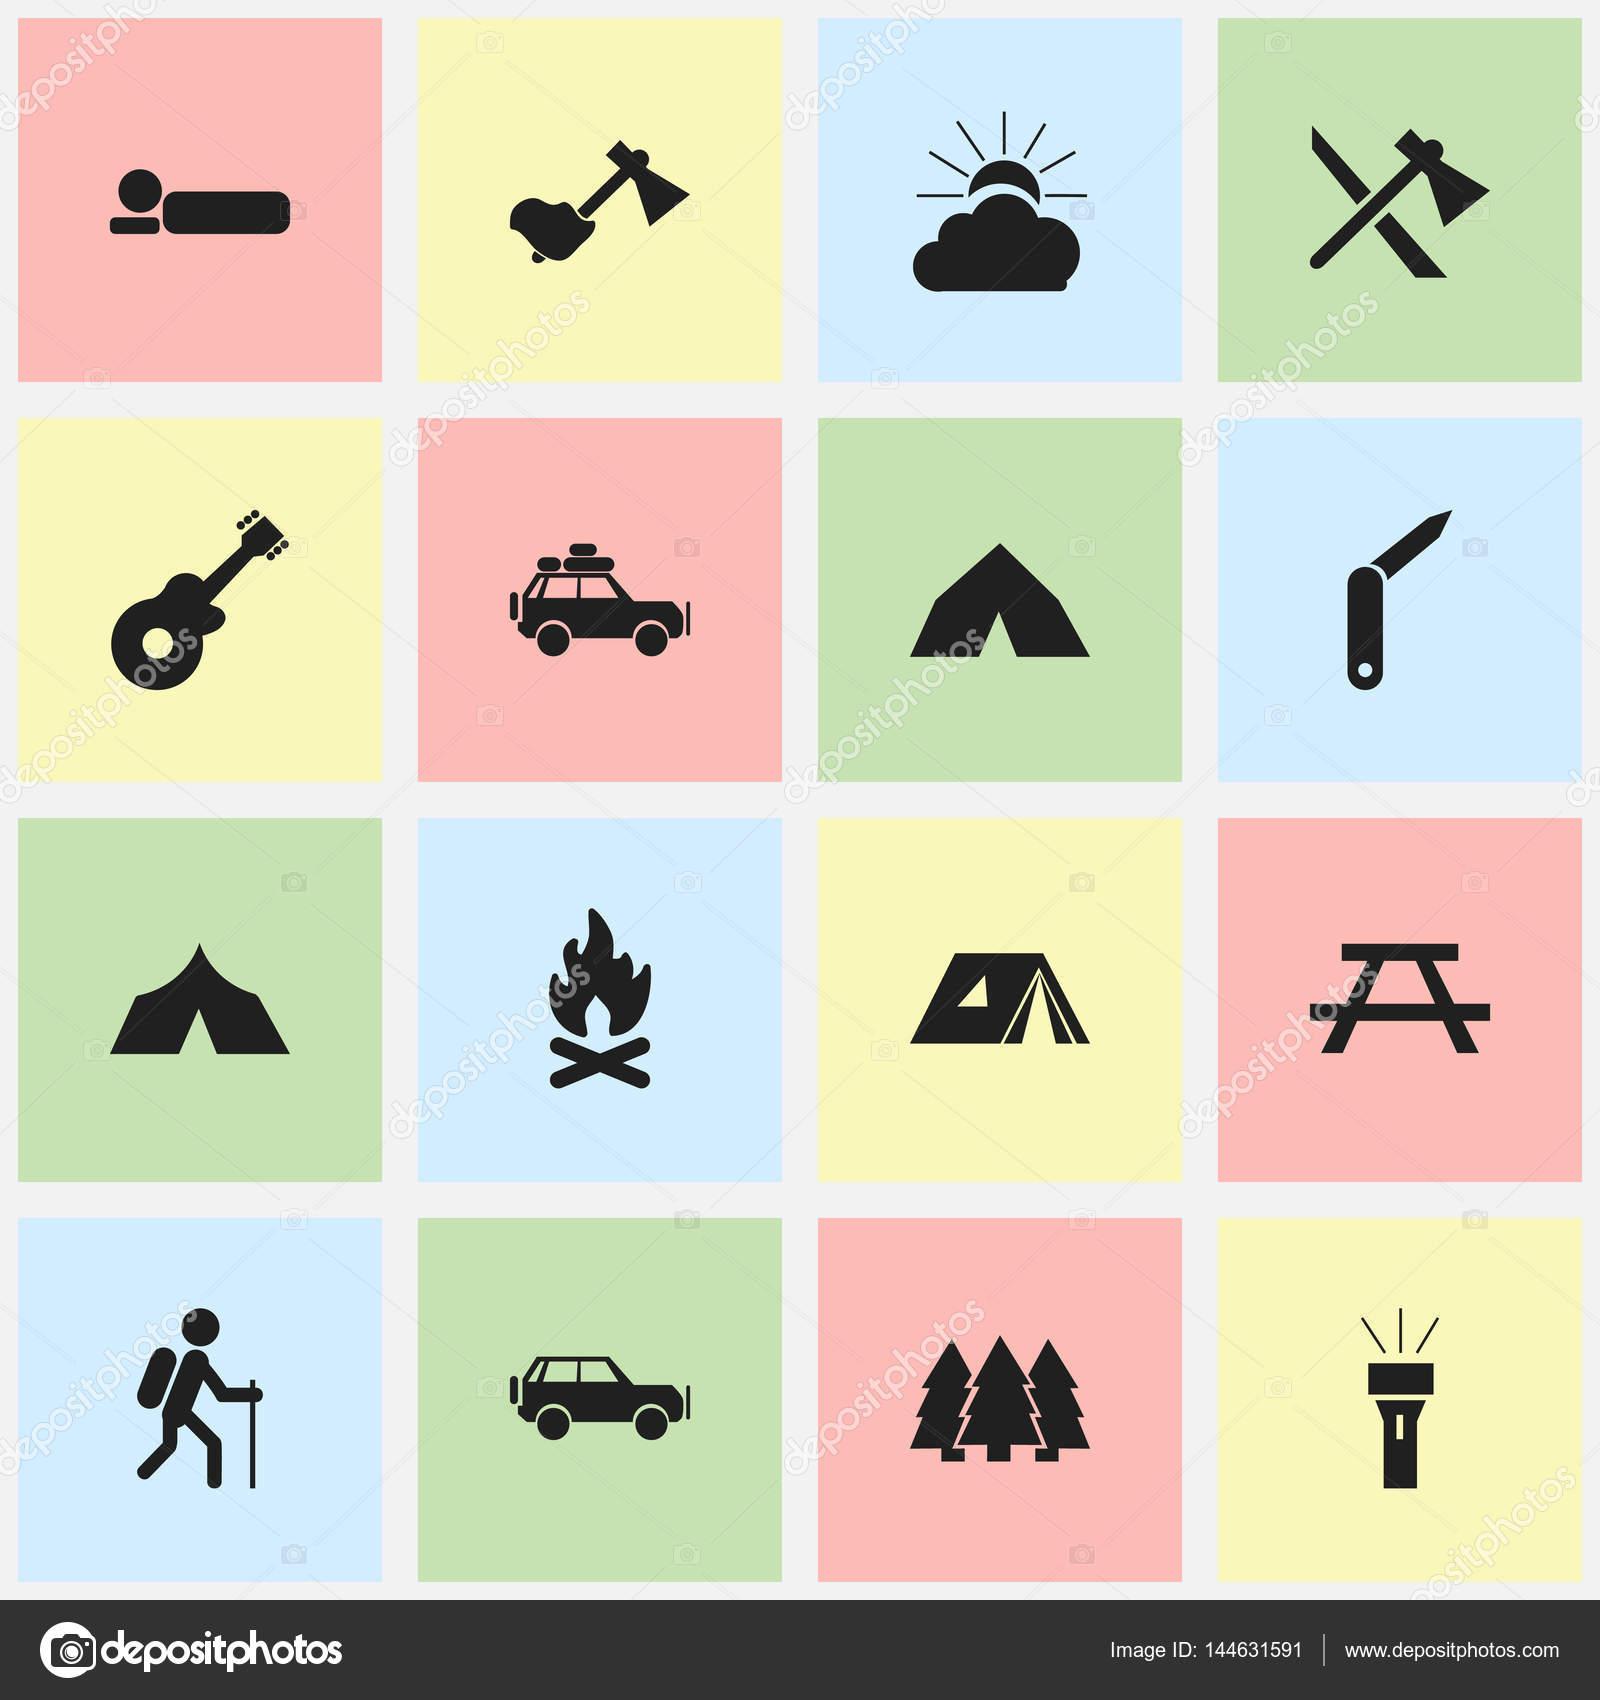 Bureau Design Gebruikt.Set Van 16 Bewerkbare Reizen Iconen Bevat Symbolen Zoals